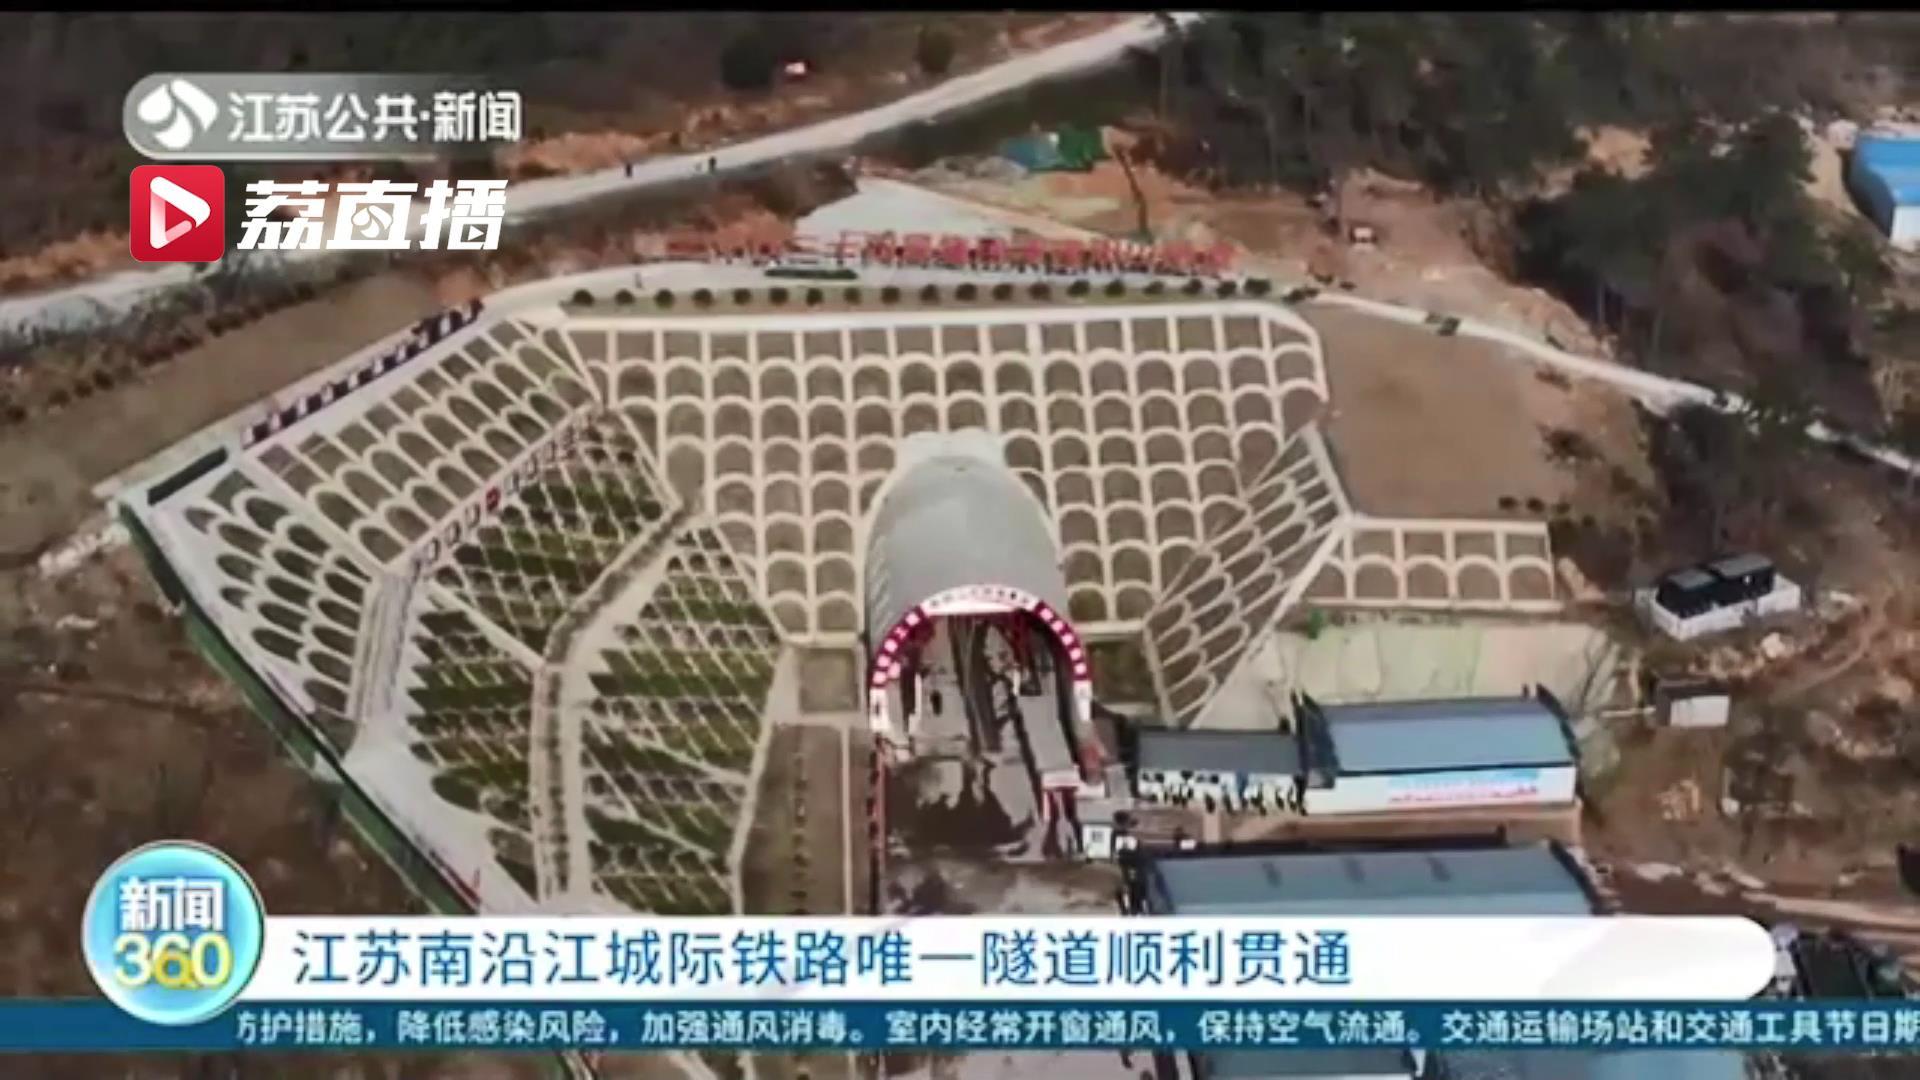 江苏南沿江城际铁路唯一隧道顺利贯通